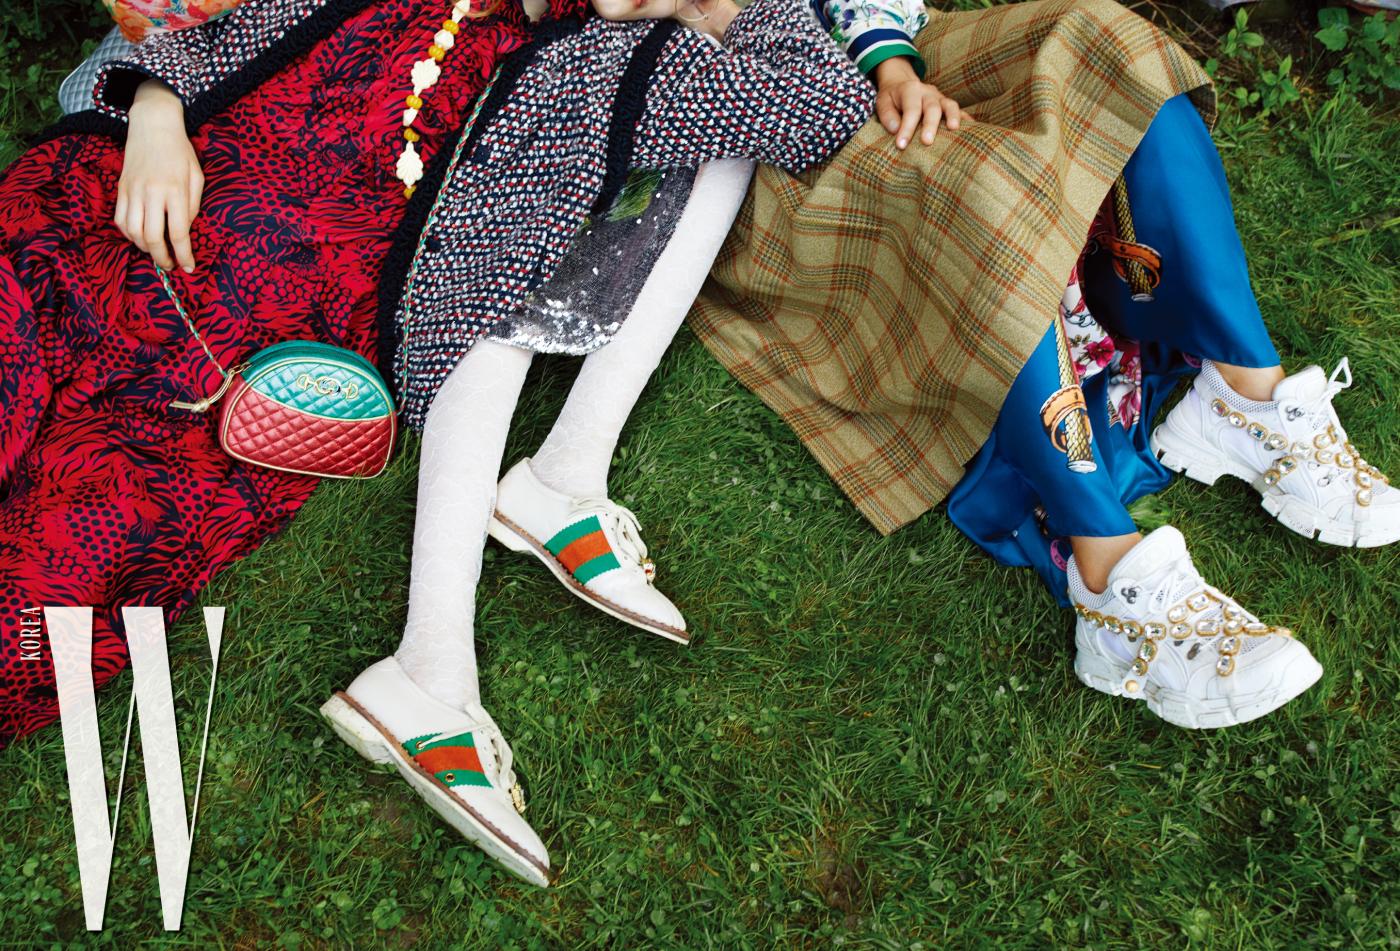 리나가 착용한 트위드 재킷, 레드-블랙 타이거 프린트의 실크 플리츠 드레스, 원석 목걸이, 홀스빗이 더해진 G 디테일의 메탈릭 마틀라세 가죽 숄더백, 케이가 착용한 화려한 프린트의 패딩 재킷, 시퀸 스커트, 흰색의 플로럴 레이스 타이츠, 웹 디테일이 돋보이는 스웨이드 소재 레이스업 스니커즈, 사라가 착용한 그린 로즈 페스티벌 프린트의 셔츠, 슈가케인 헌팅 체크 스커트, 트윌 프린트 롱 스커트, 크리스털 스트랩과 SEGA 그래픽 폰트의 구찌 로고 디테일이 특징인 흰색의 레이스업 스니커즈는 모두 Gucci 제품.